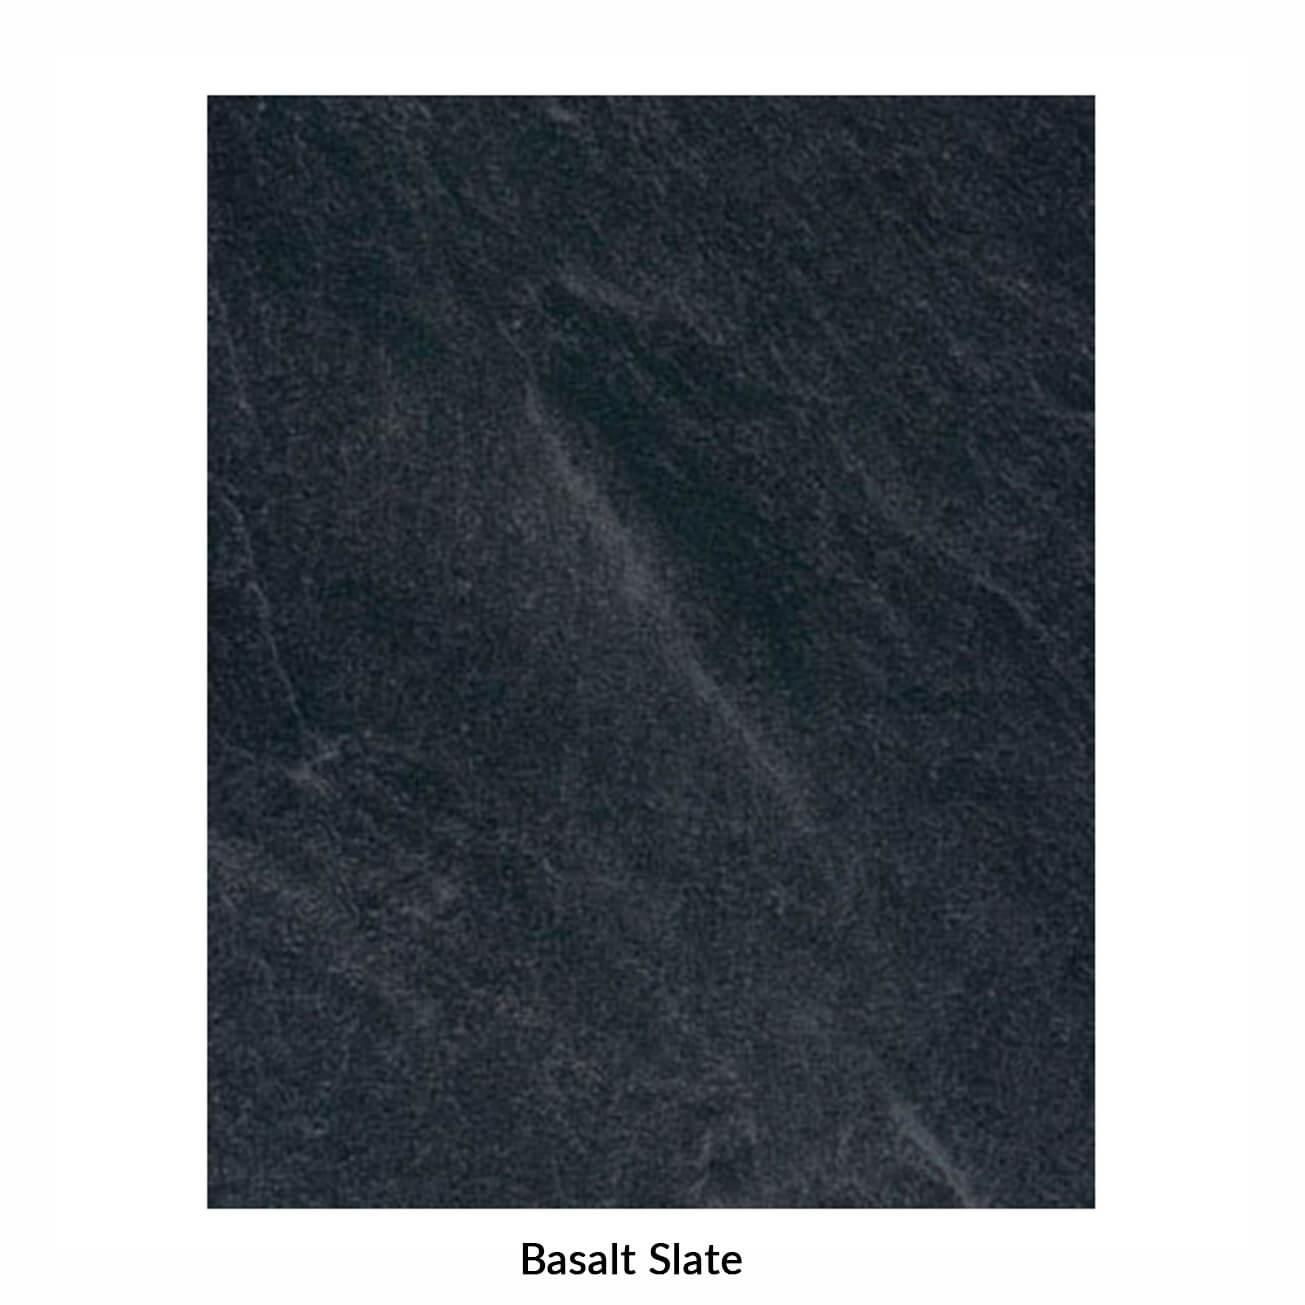 10-basalt-slate.jpg